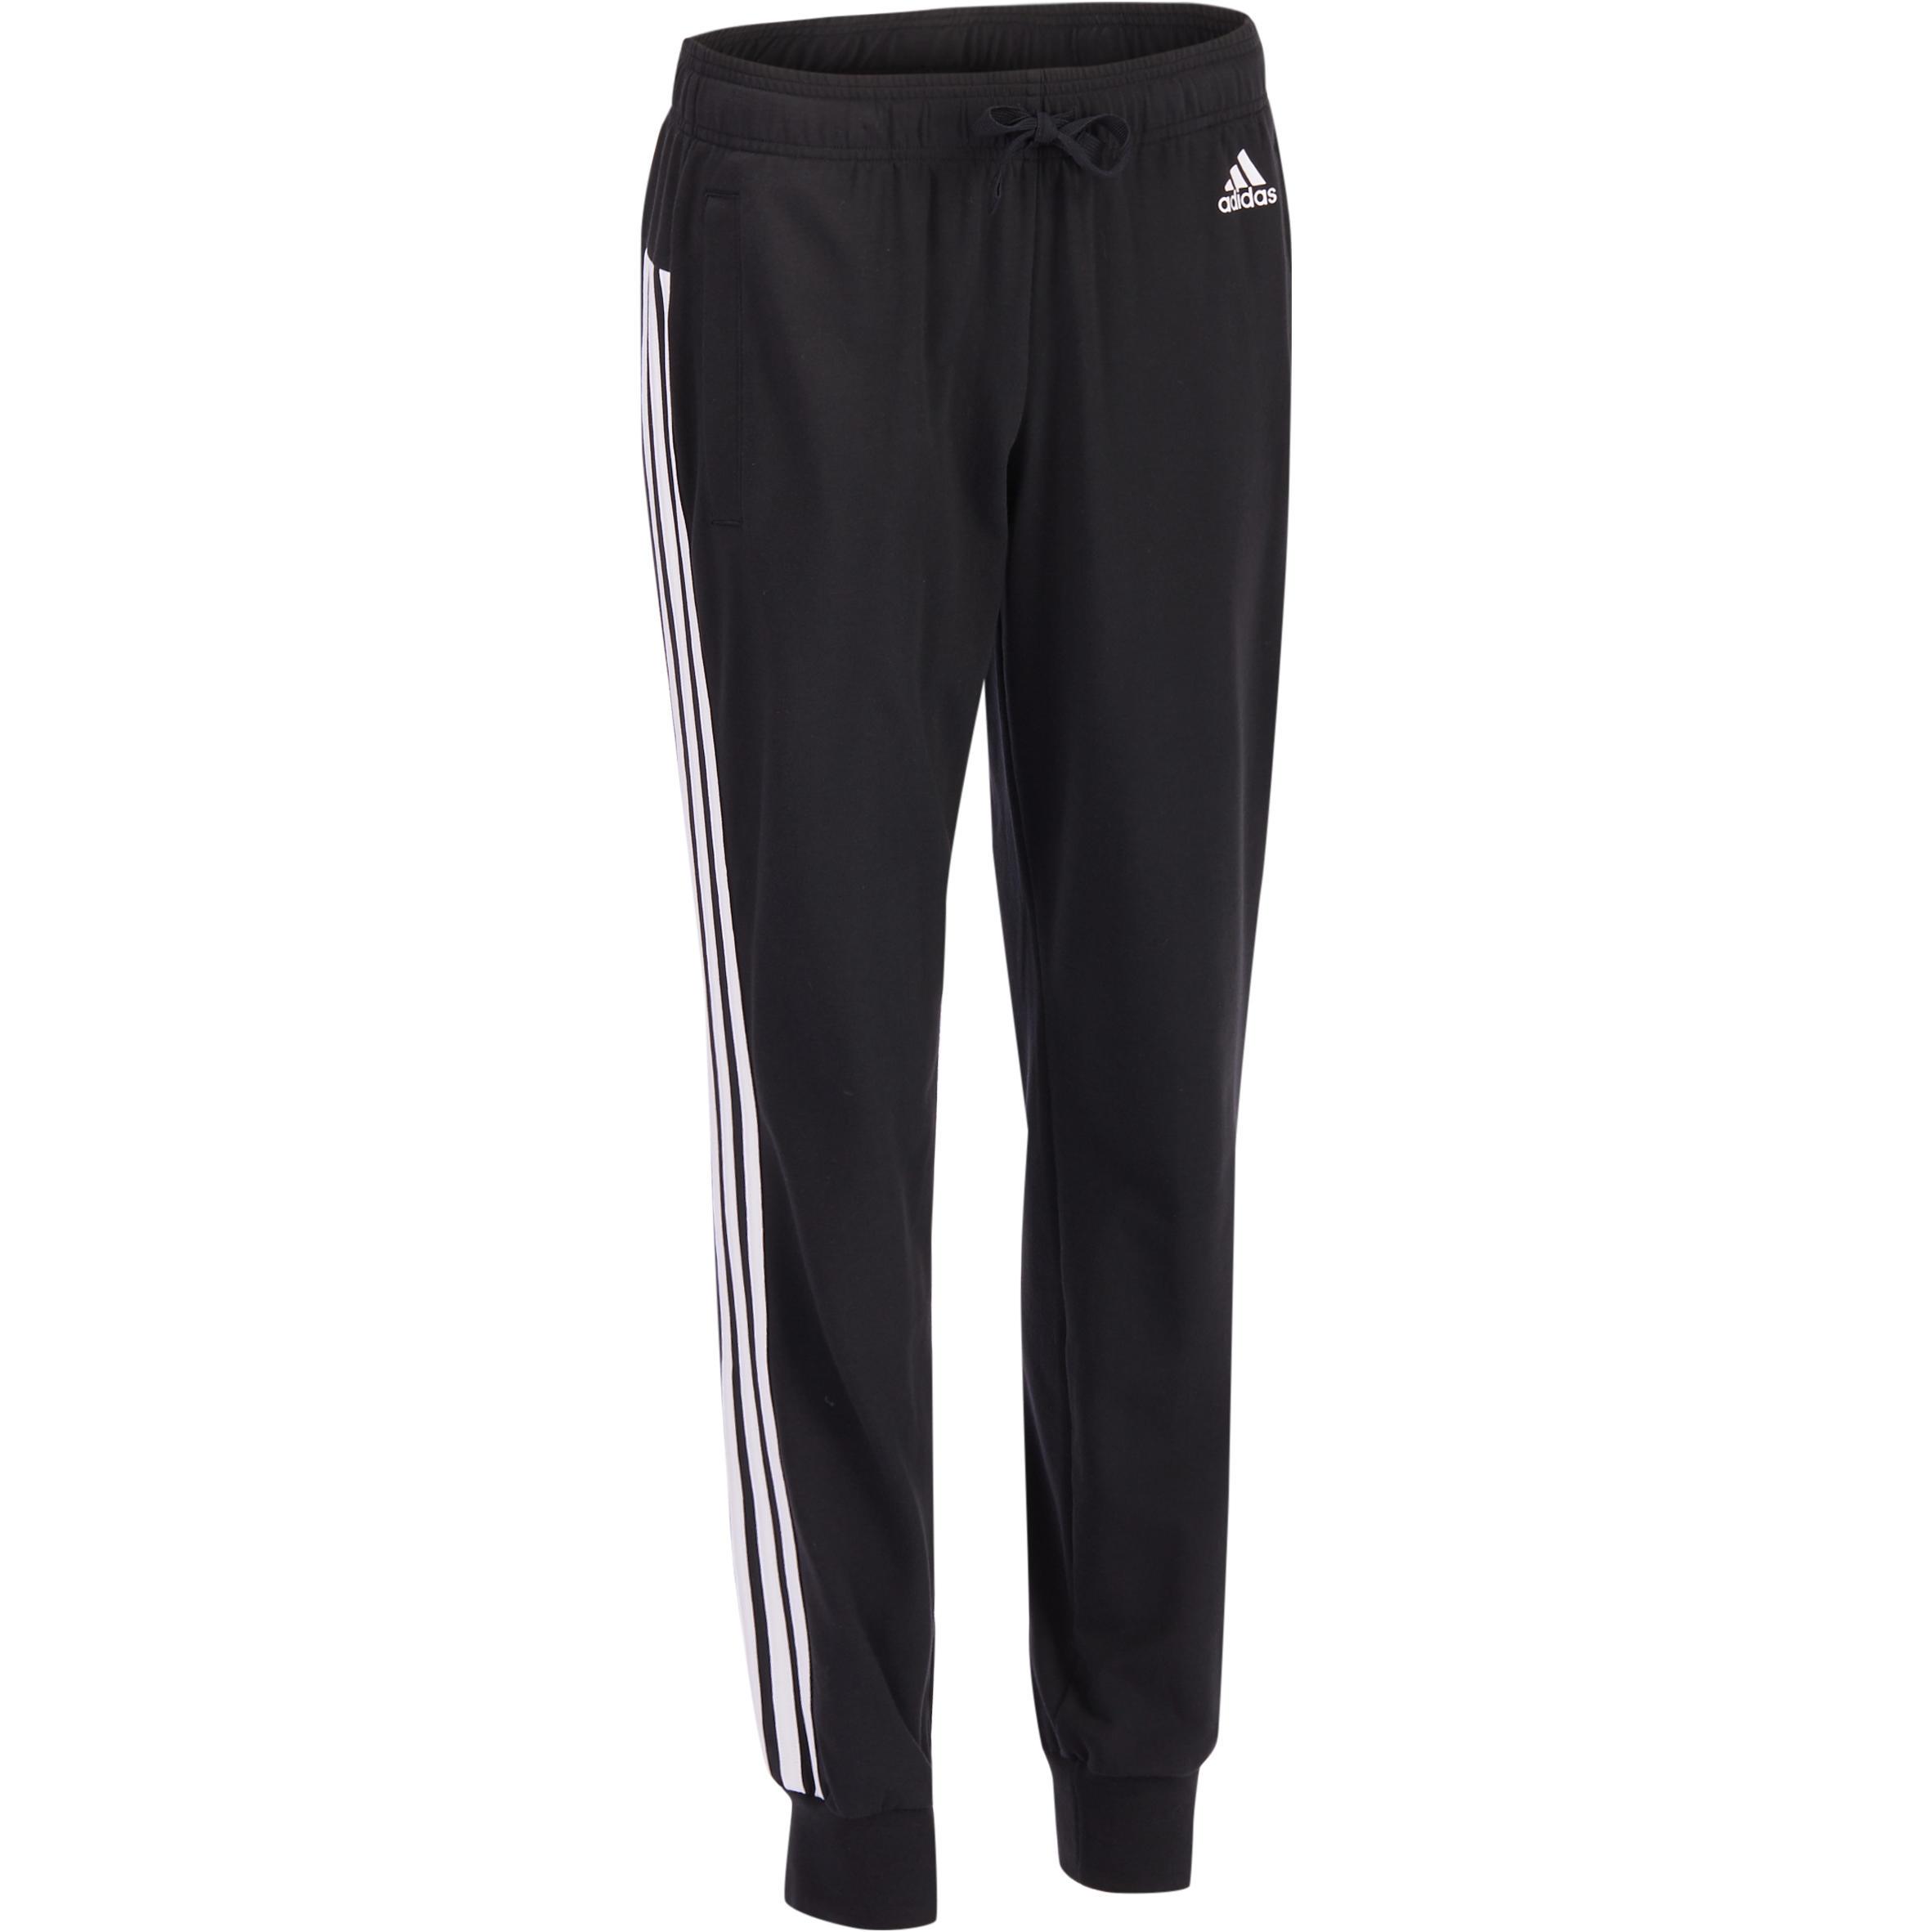 Adidas Lichte broek Adidas voor gym en pilates 3 strepen